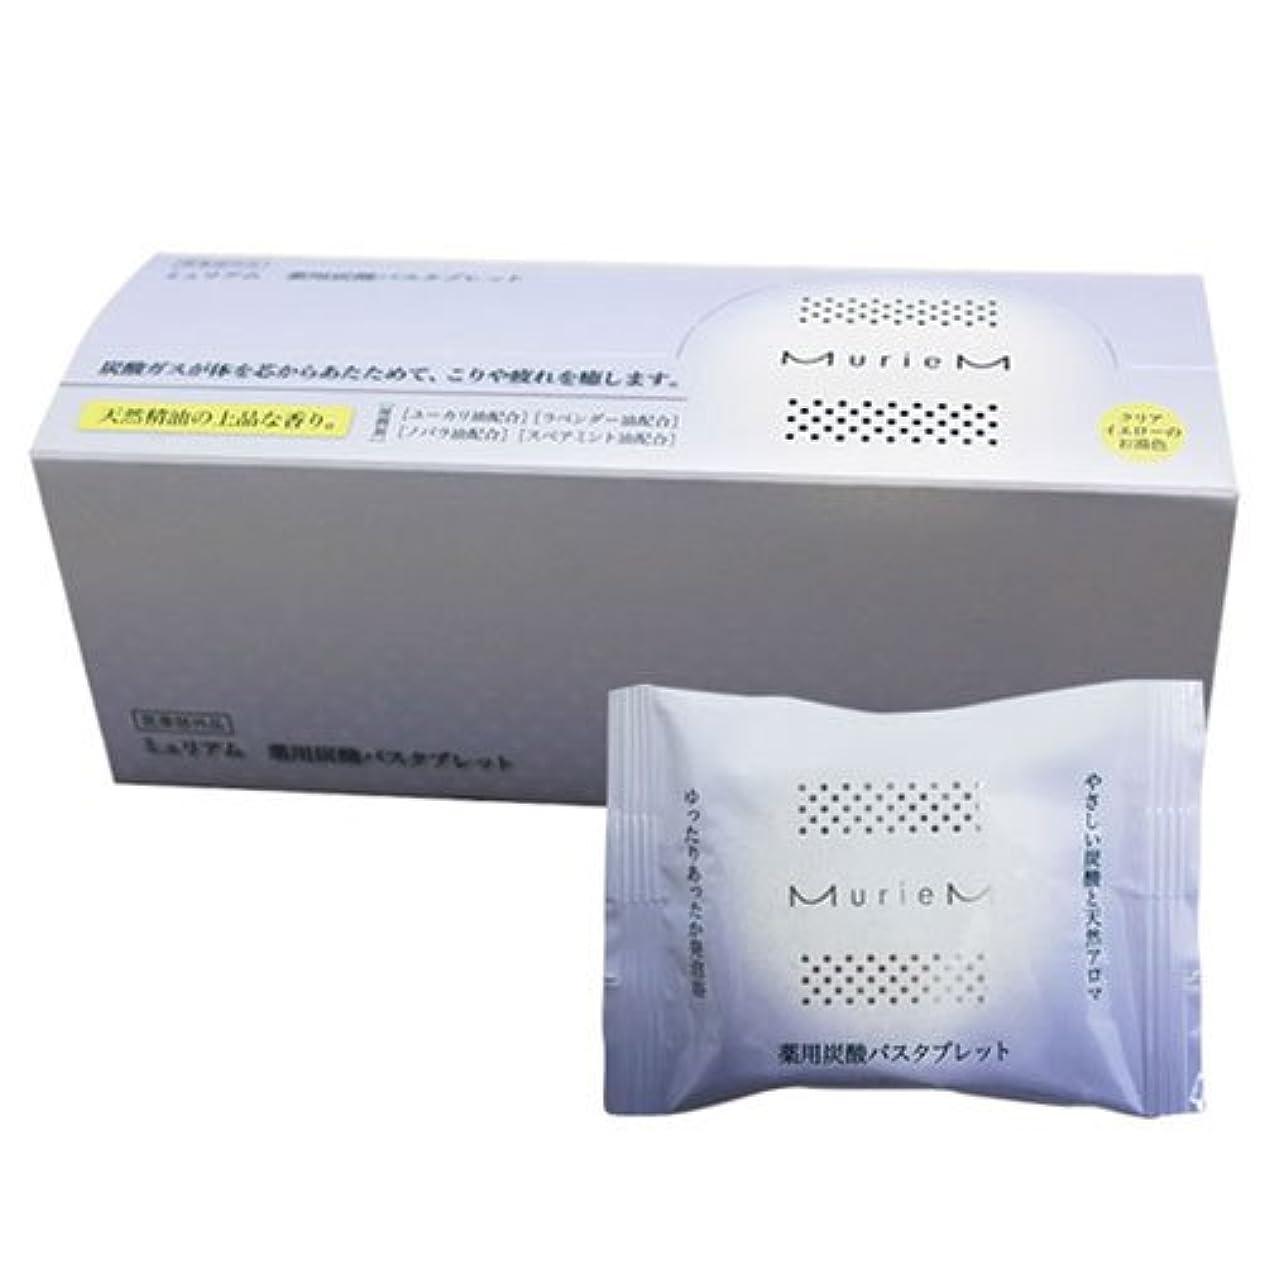 最大限女王キロメートルナンバースリー ミュリアム 薬用炭酸バスタブレット 30g×10包 [医薬部外品]